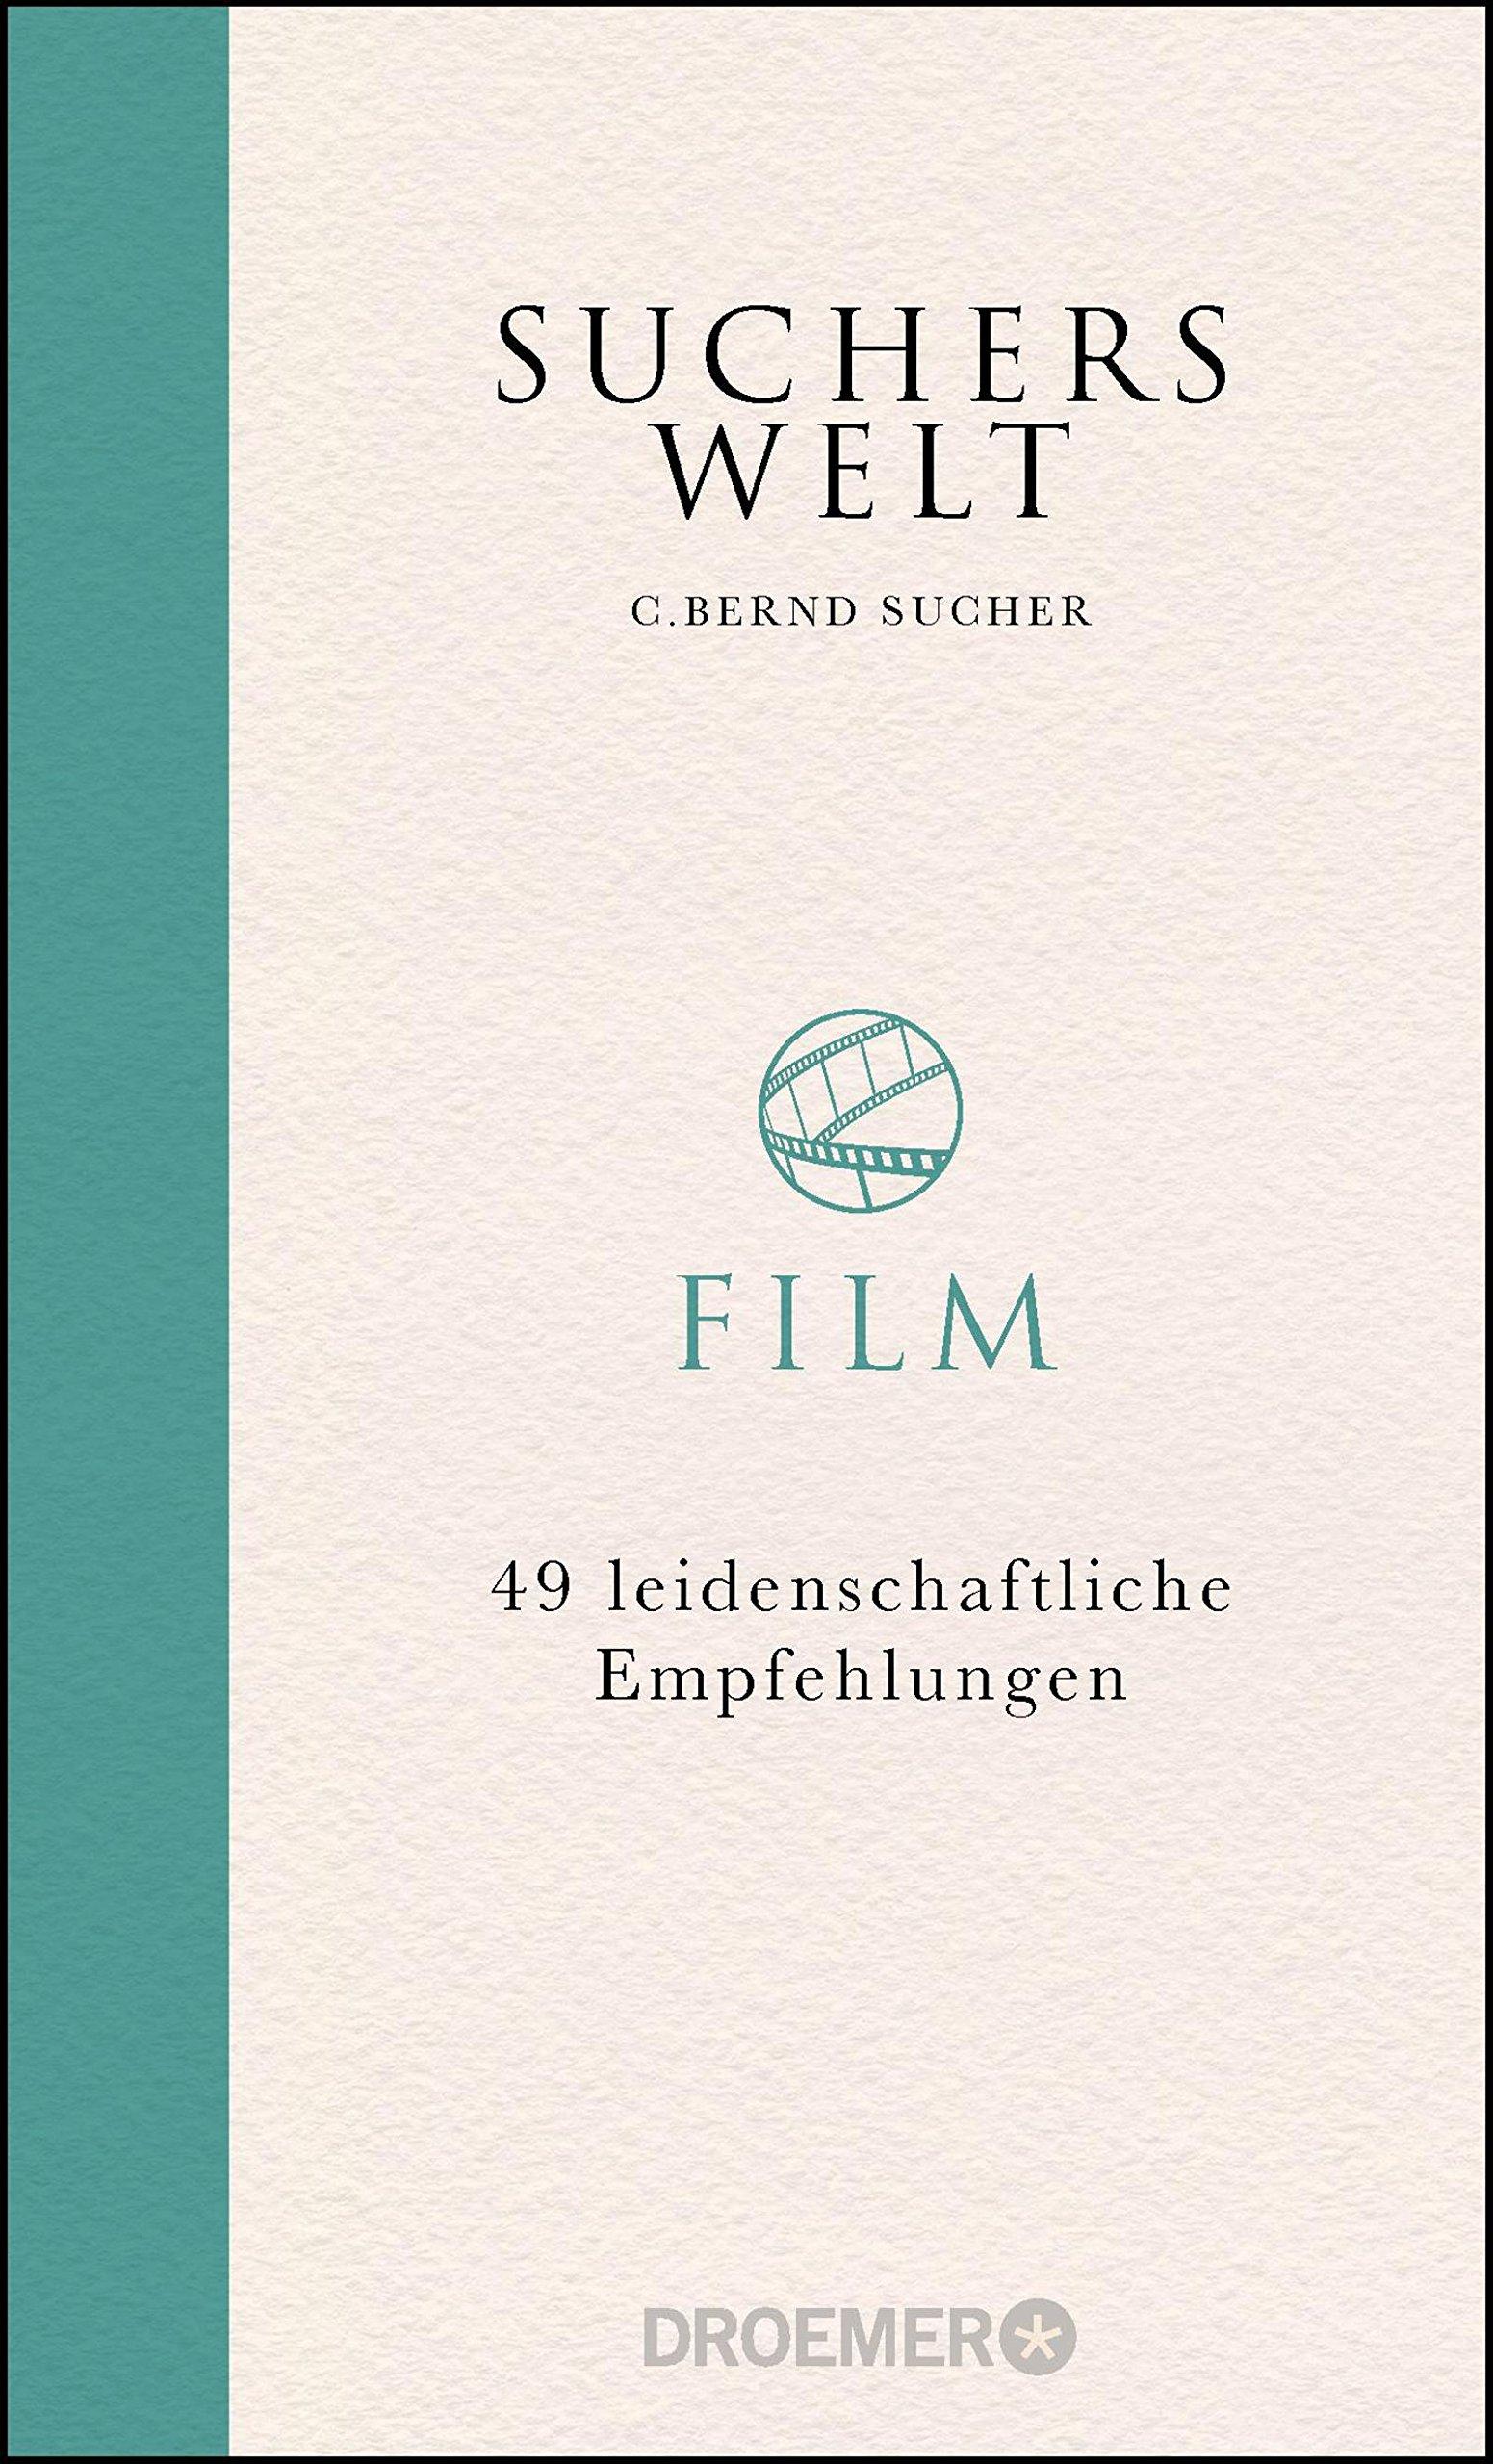 Suchers Welt: Film: 49 leidenschaftliche Empfehlungen Gebundenes Buch – 1. März 2018 C. Bernd Sucher Droemer HC 3426277433 Belletristik / Biographien